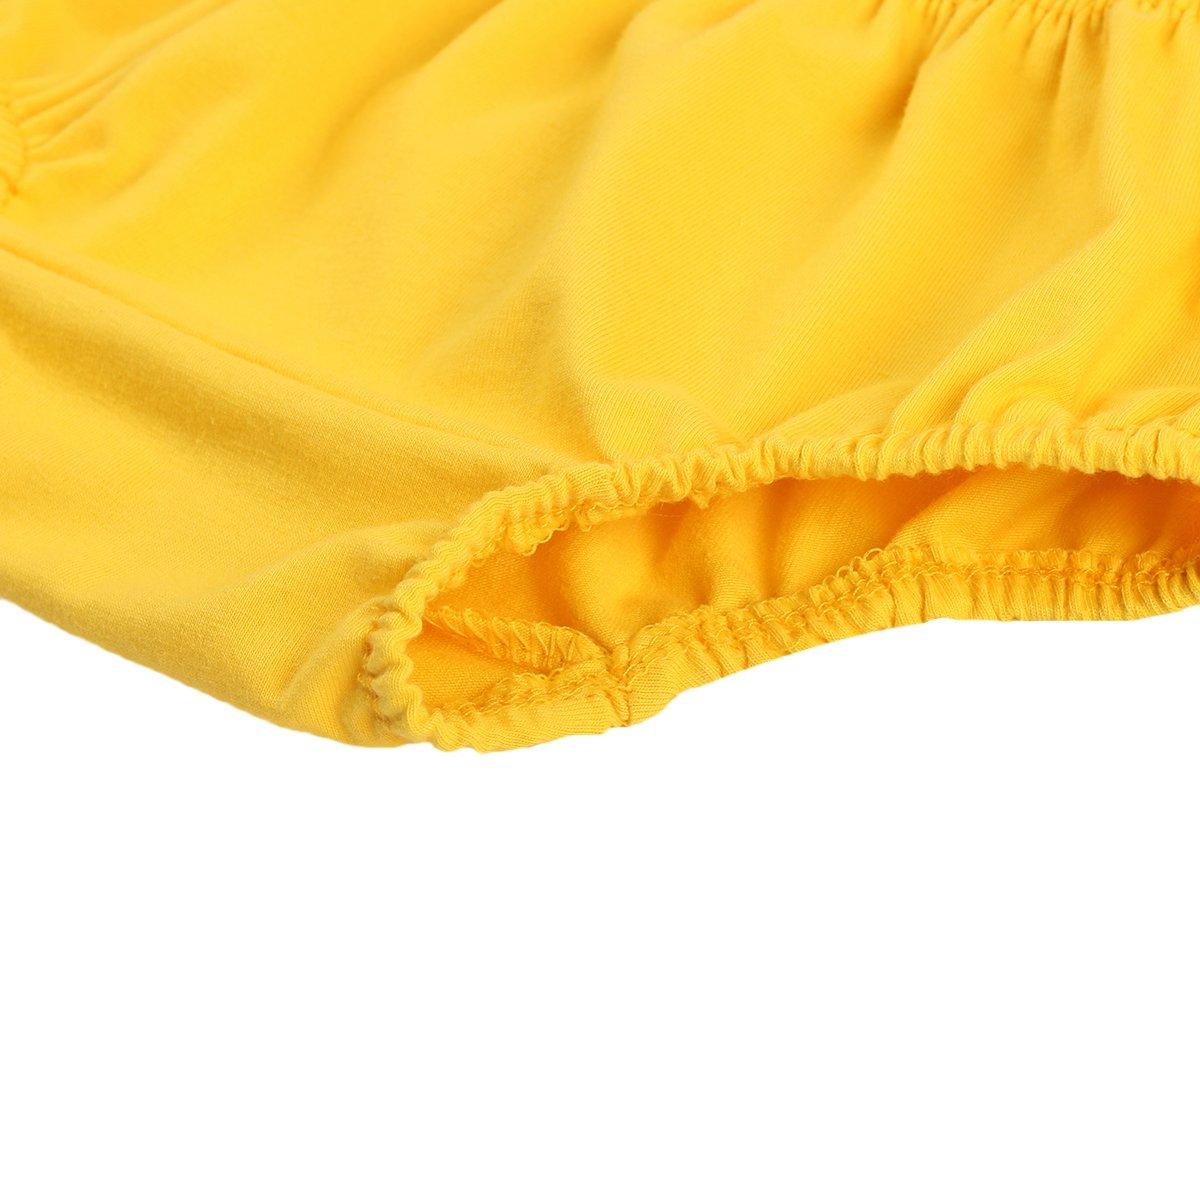 OBEEII Baby 1 // 2 Krawatte Clip-on Hosentr/äger 3pcs Bekleidungssets f/ür Foto-Shooting Kost/üm f/ür Unisex S/äugling Jungen M/ädchen 3-24 Monate Geburtstag Outfit Neugeborenen Kinder Bloomer Shorts